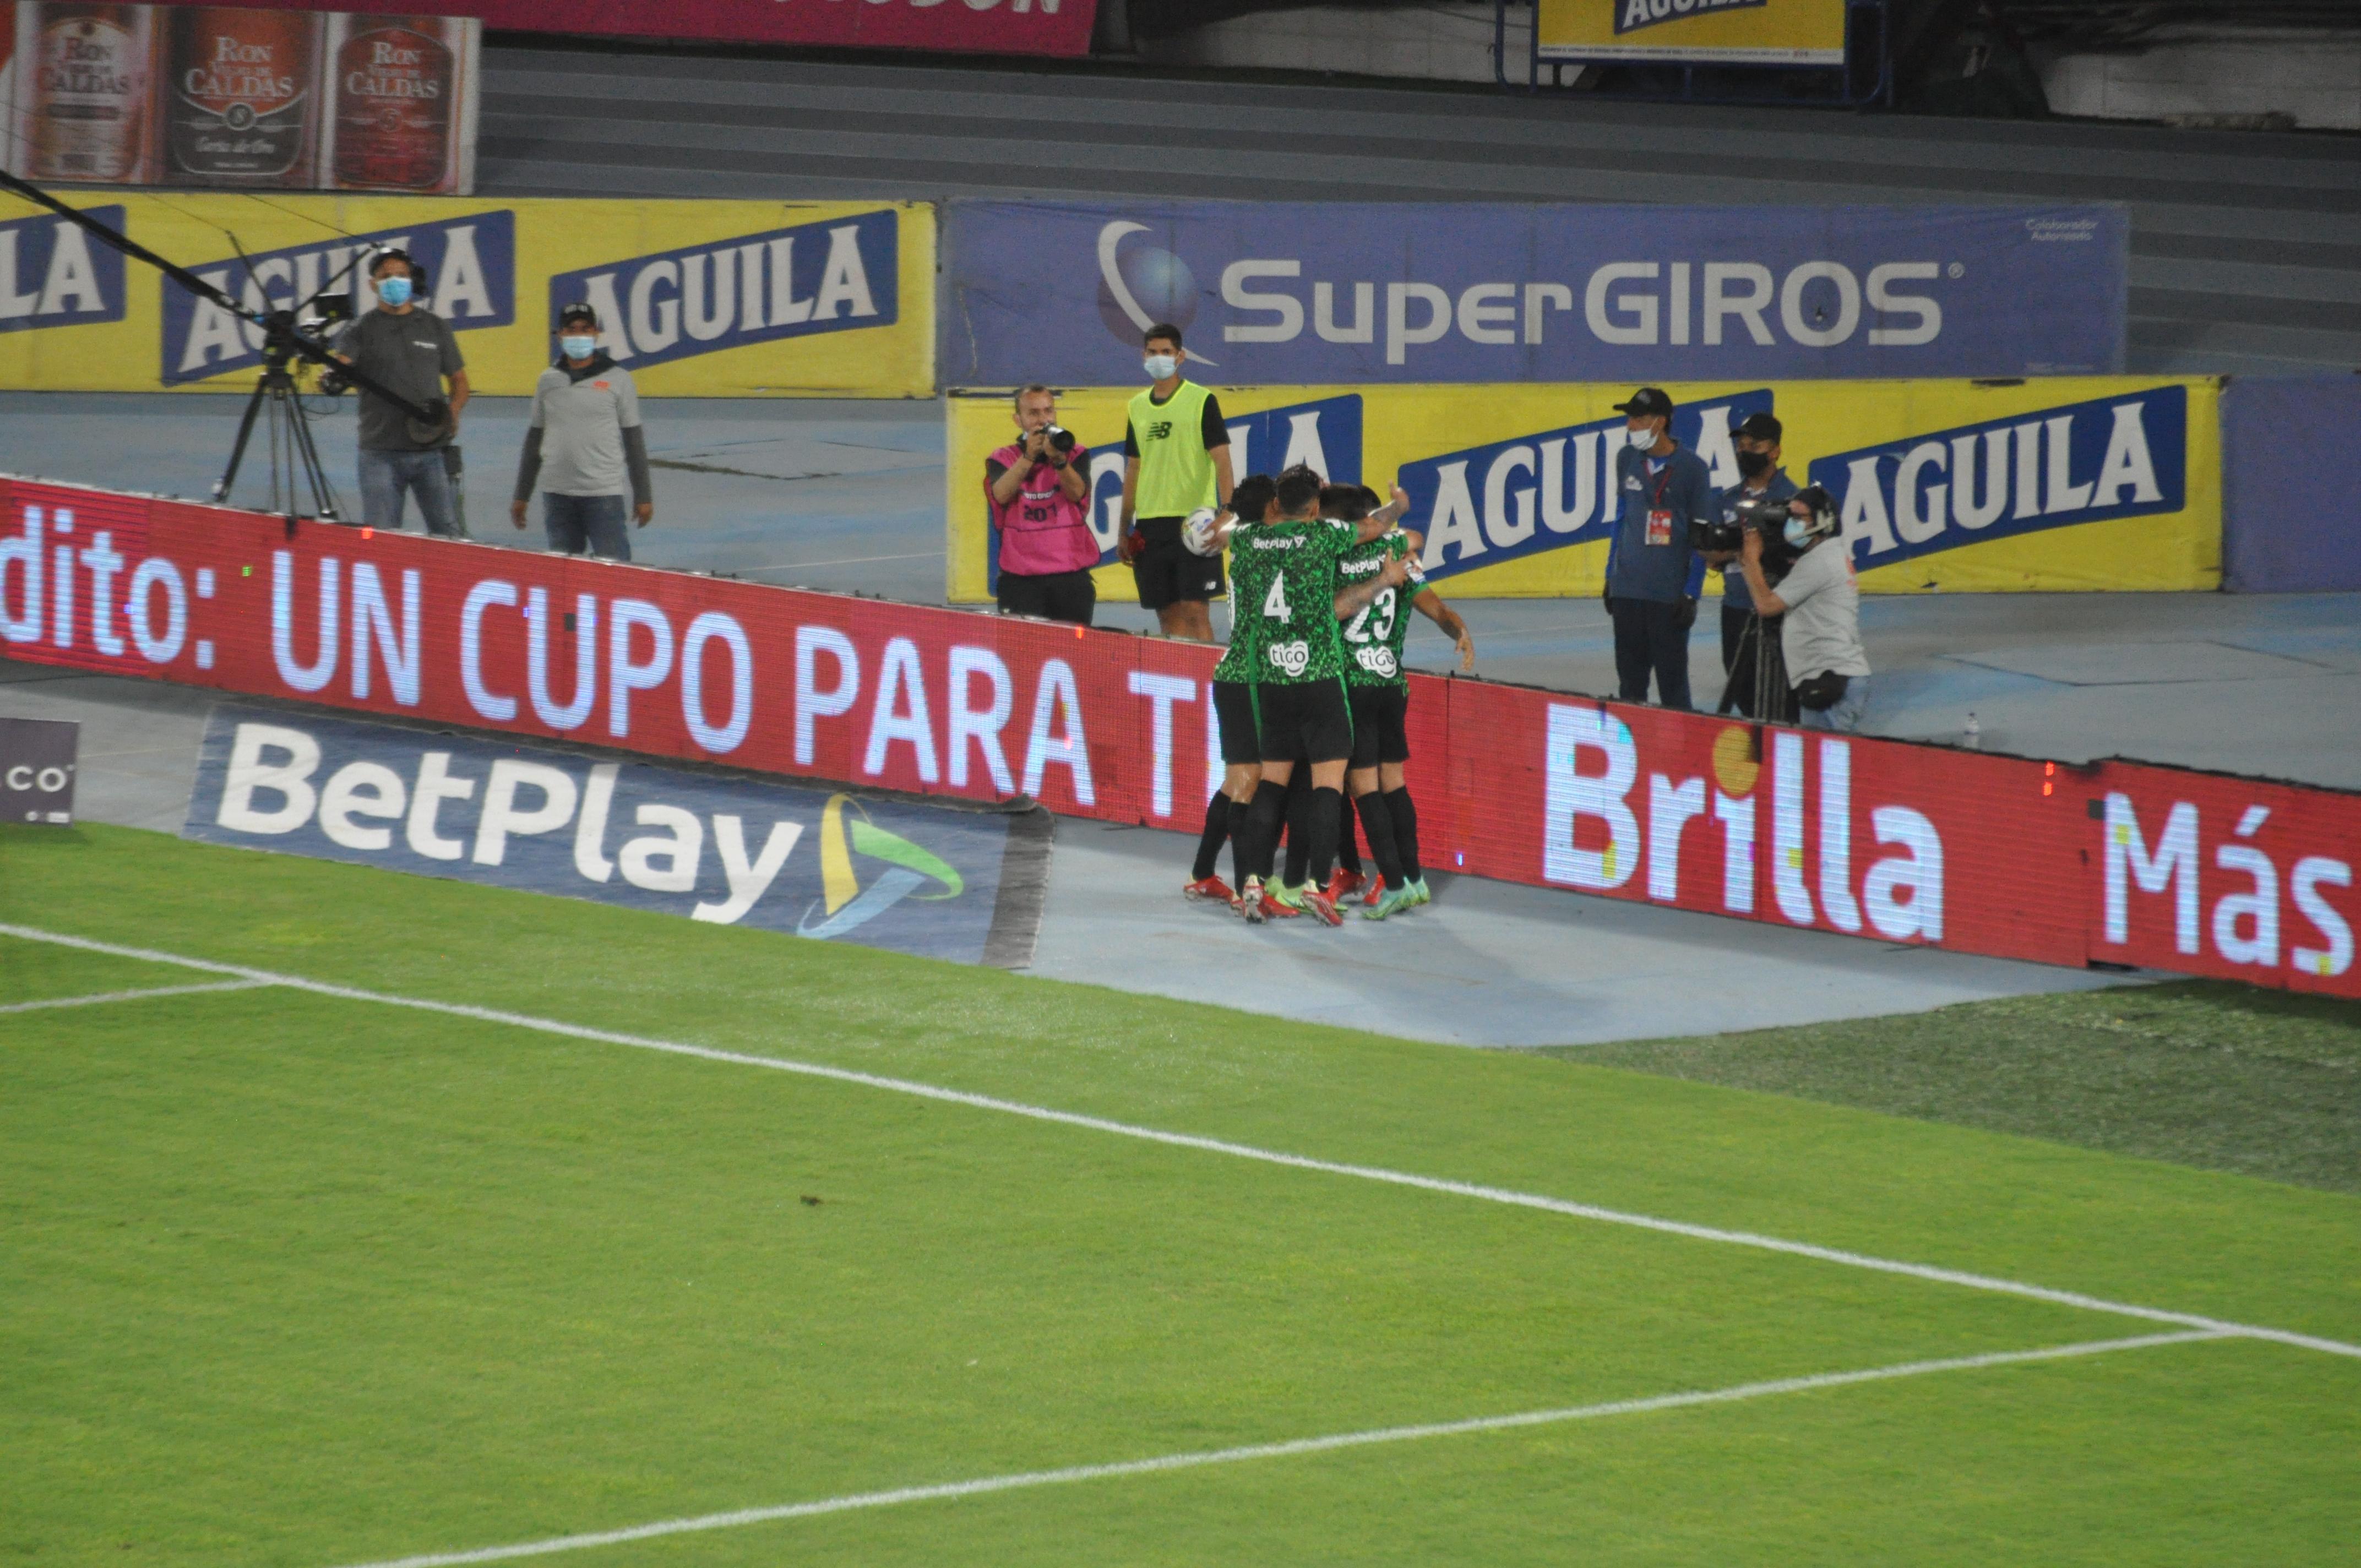 La noche fue 'verdolaga' en Barranquilla: Junior 1-3 Nacional